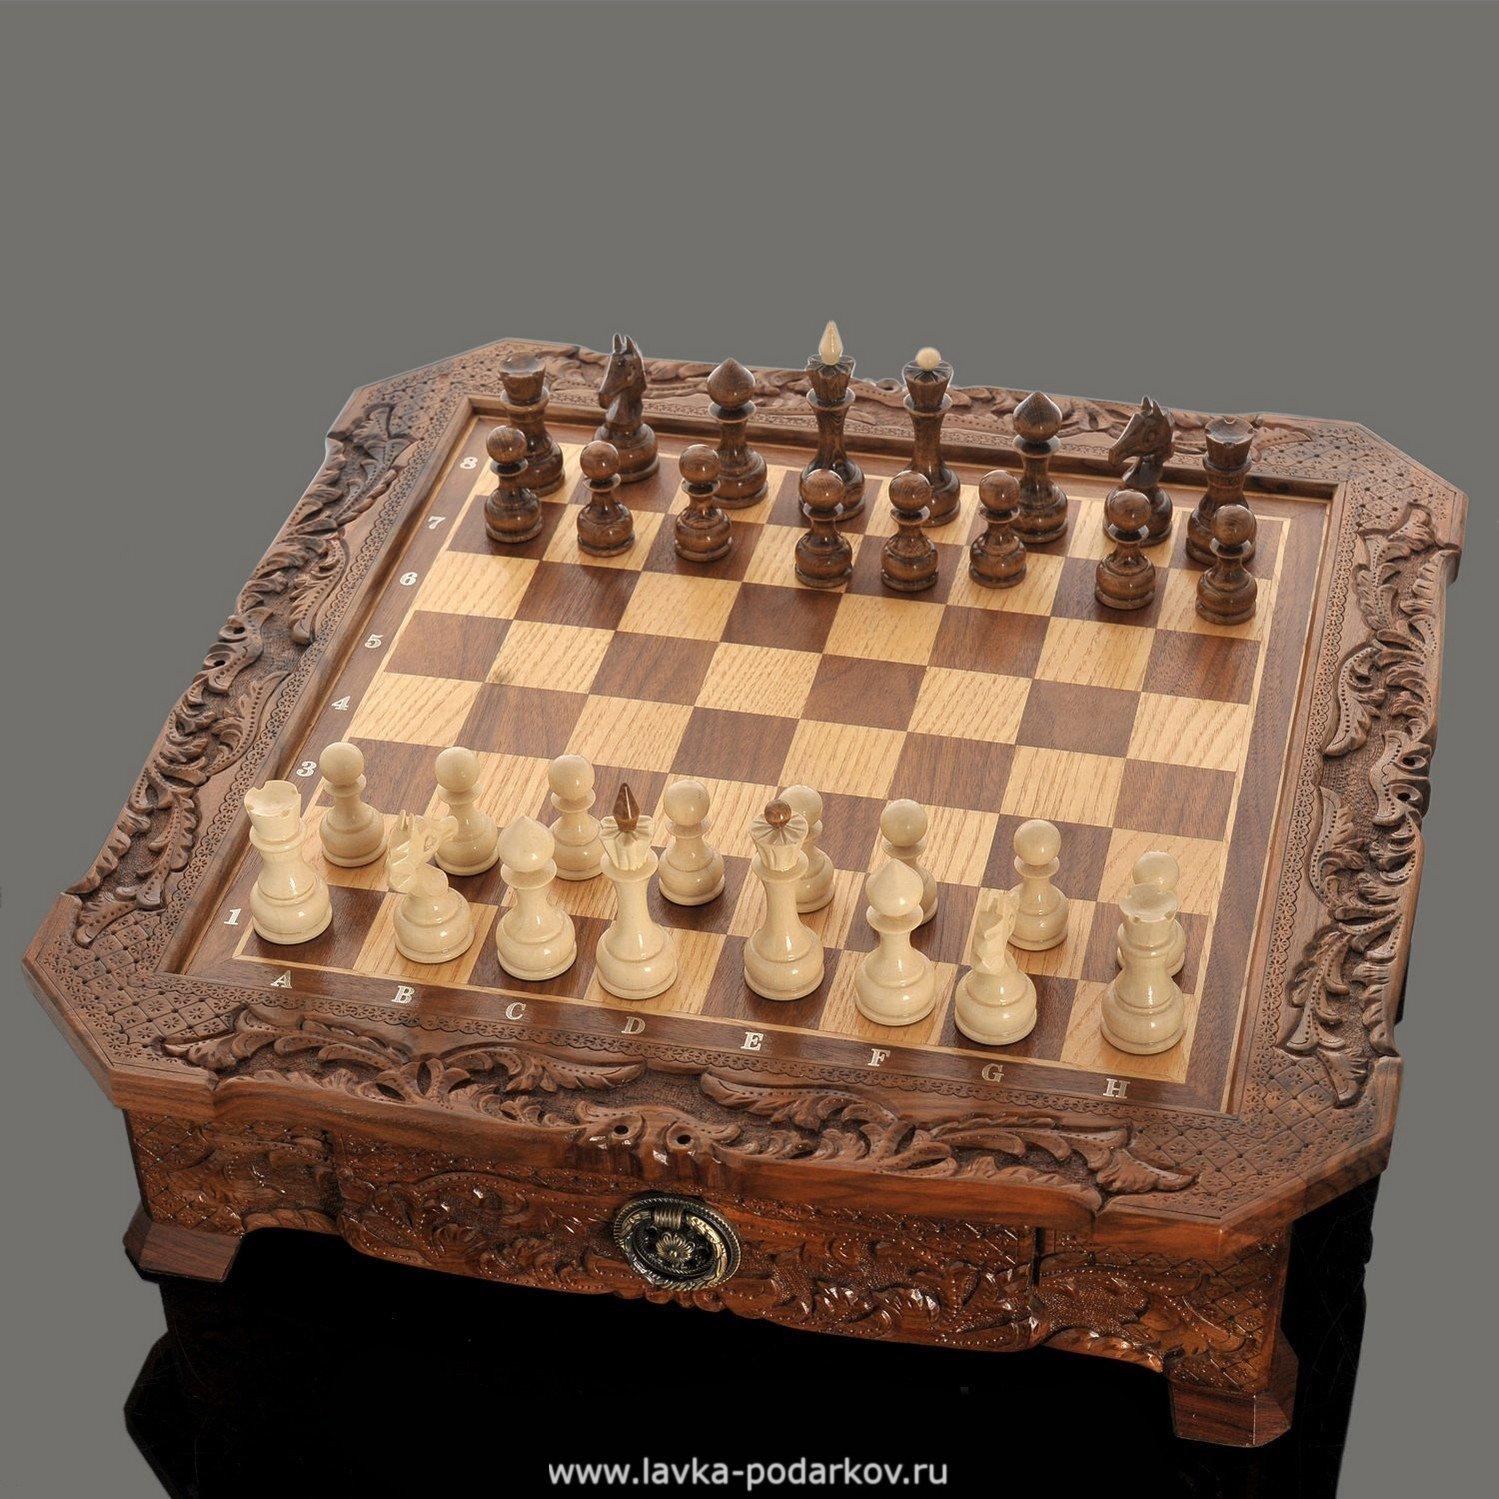 северное резные шахматы из дерева фото замечательно